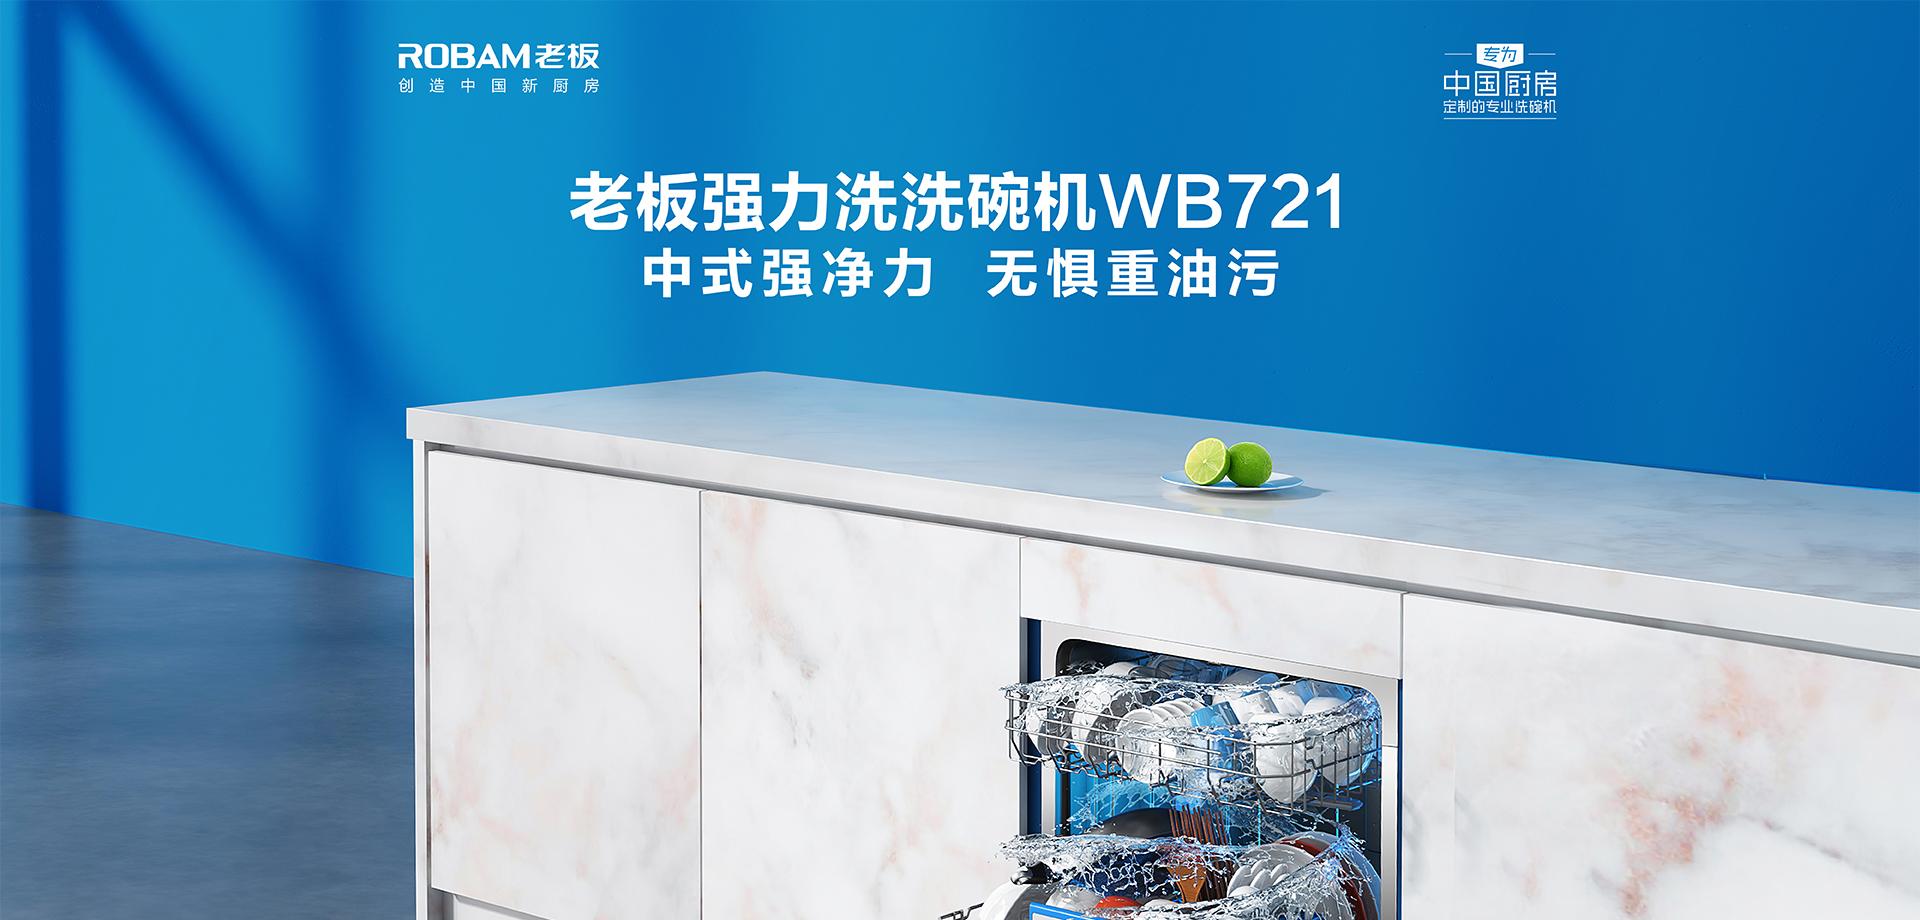 WB721-pc-1920_01.jpg